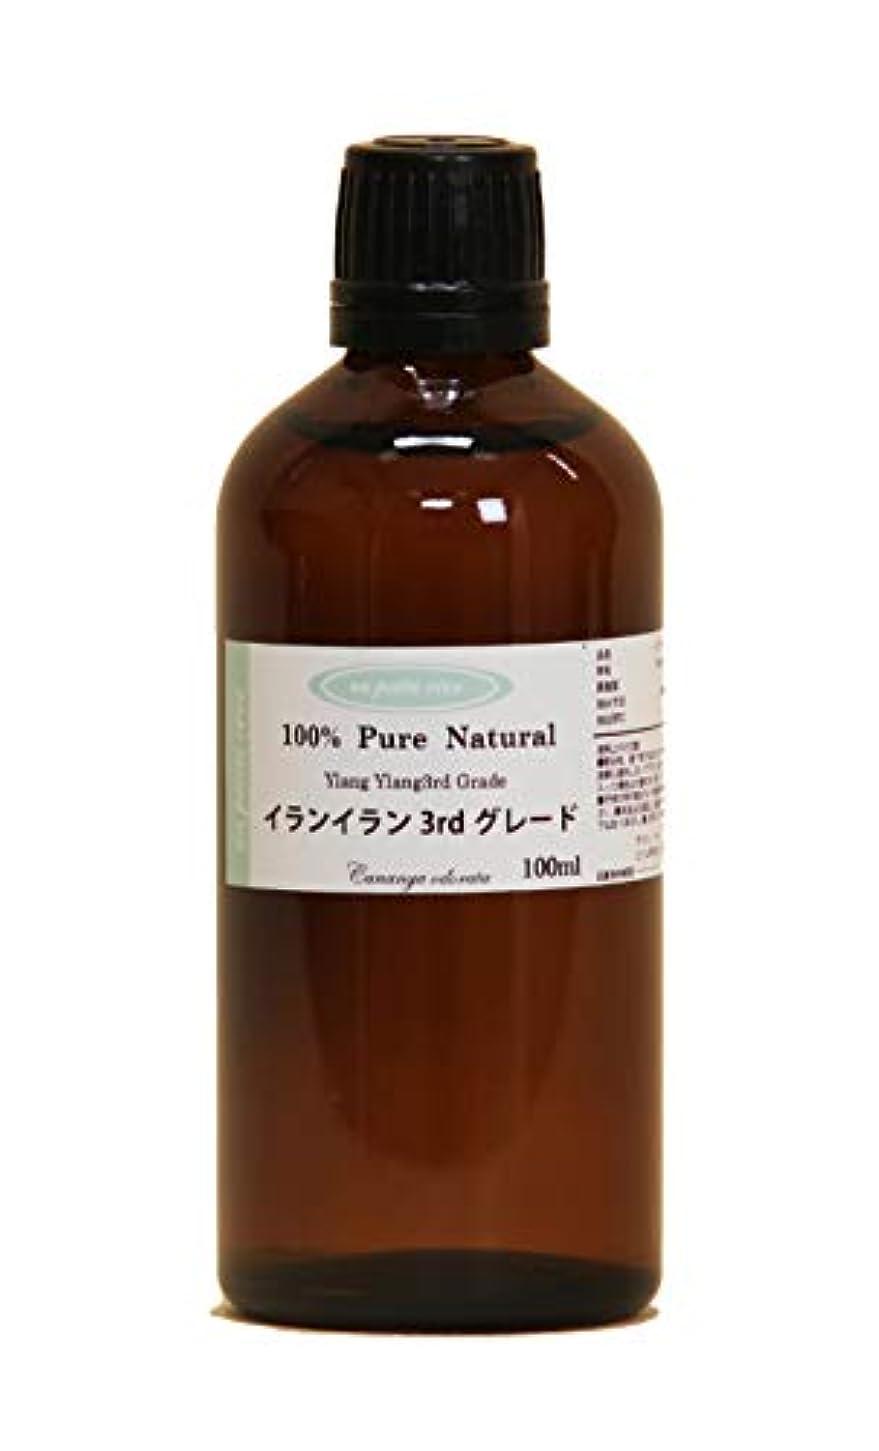 かんたんくしゃみ誠意イランイラン3rdグレード 100ml 100%天然アロマエッセンシャルオイル(精油)